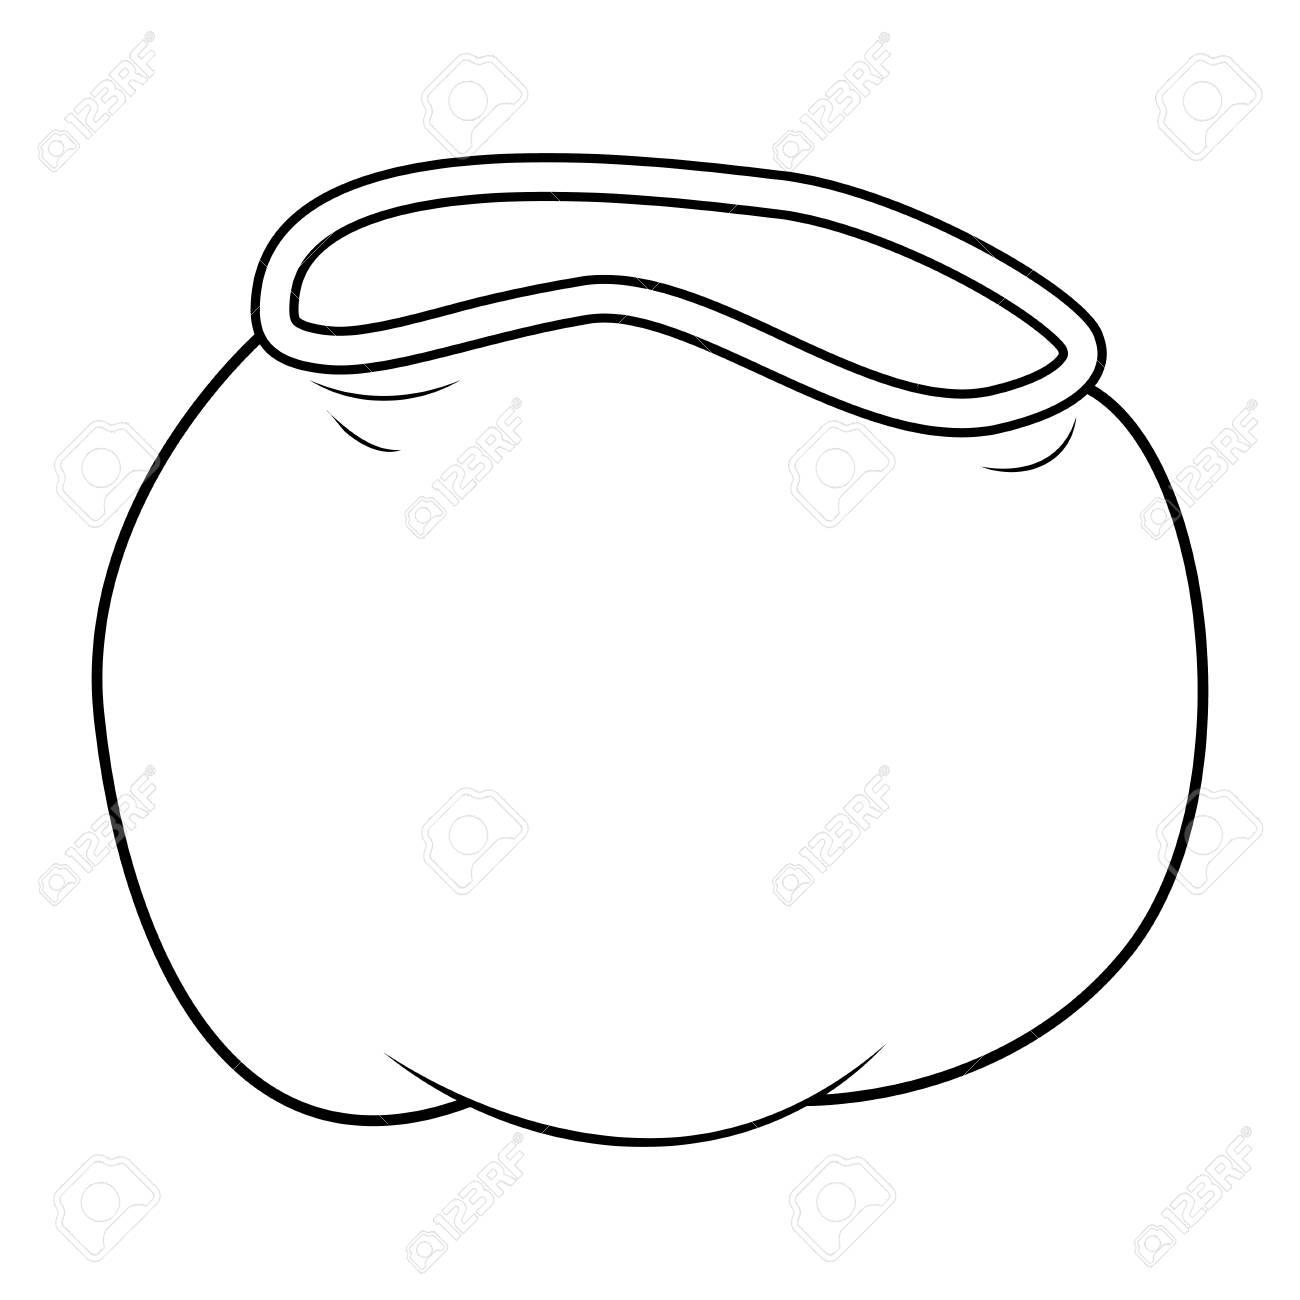 サンタ袋 クリスマスの空の袋のアイコン シンボル デザイン シルエット 冬ベクトル イラスト白背景に分離されました のイラスト素材 ベクタ Image